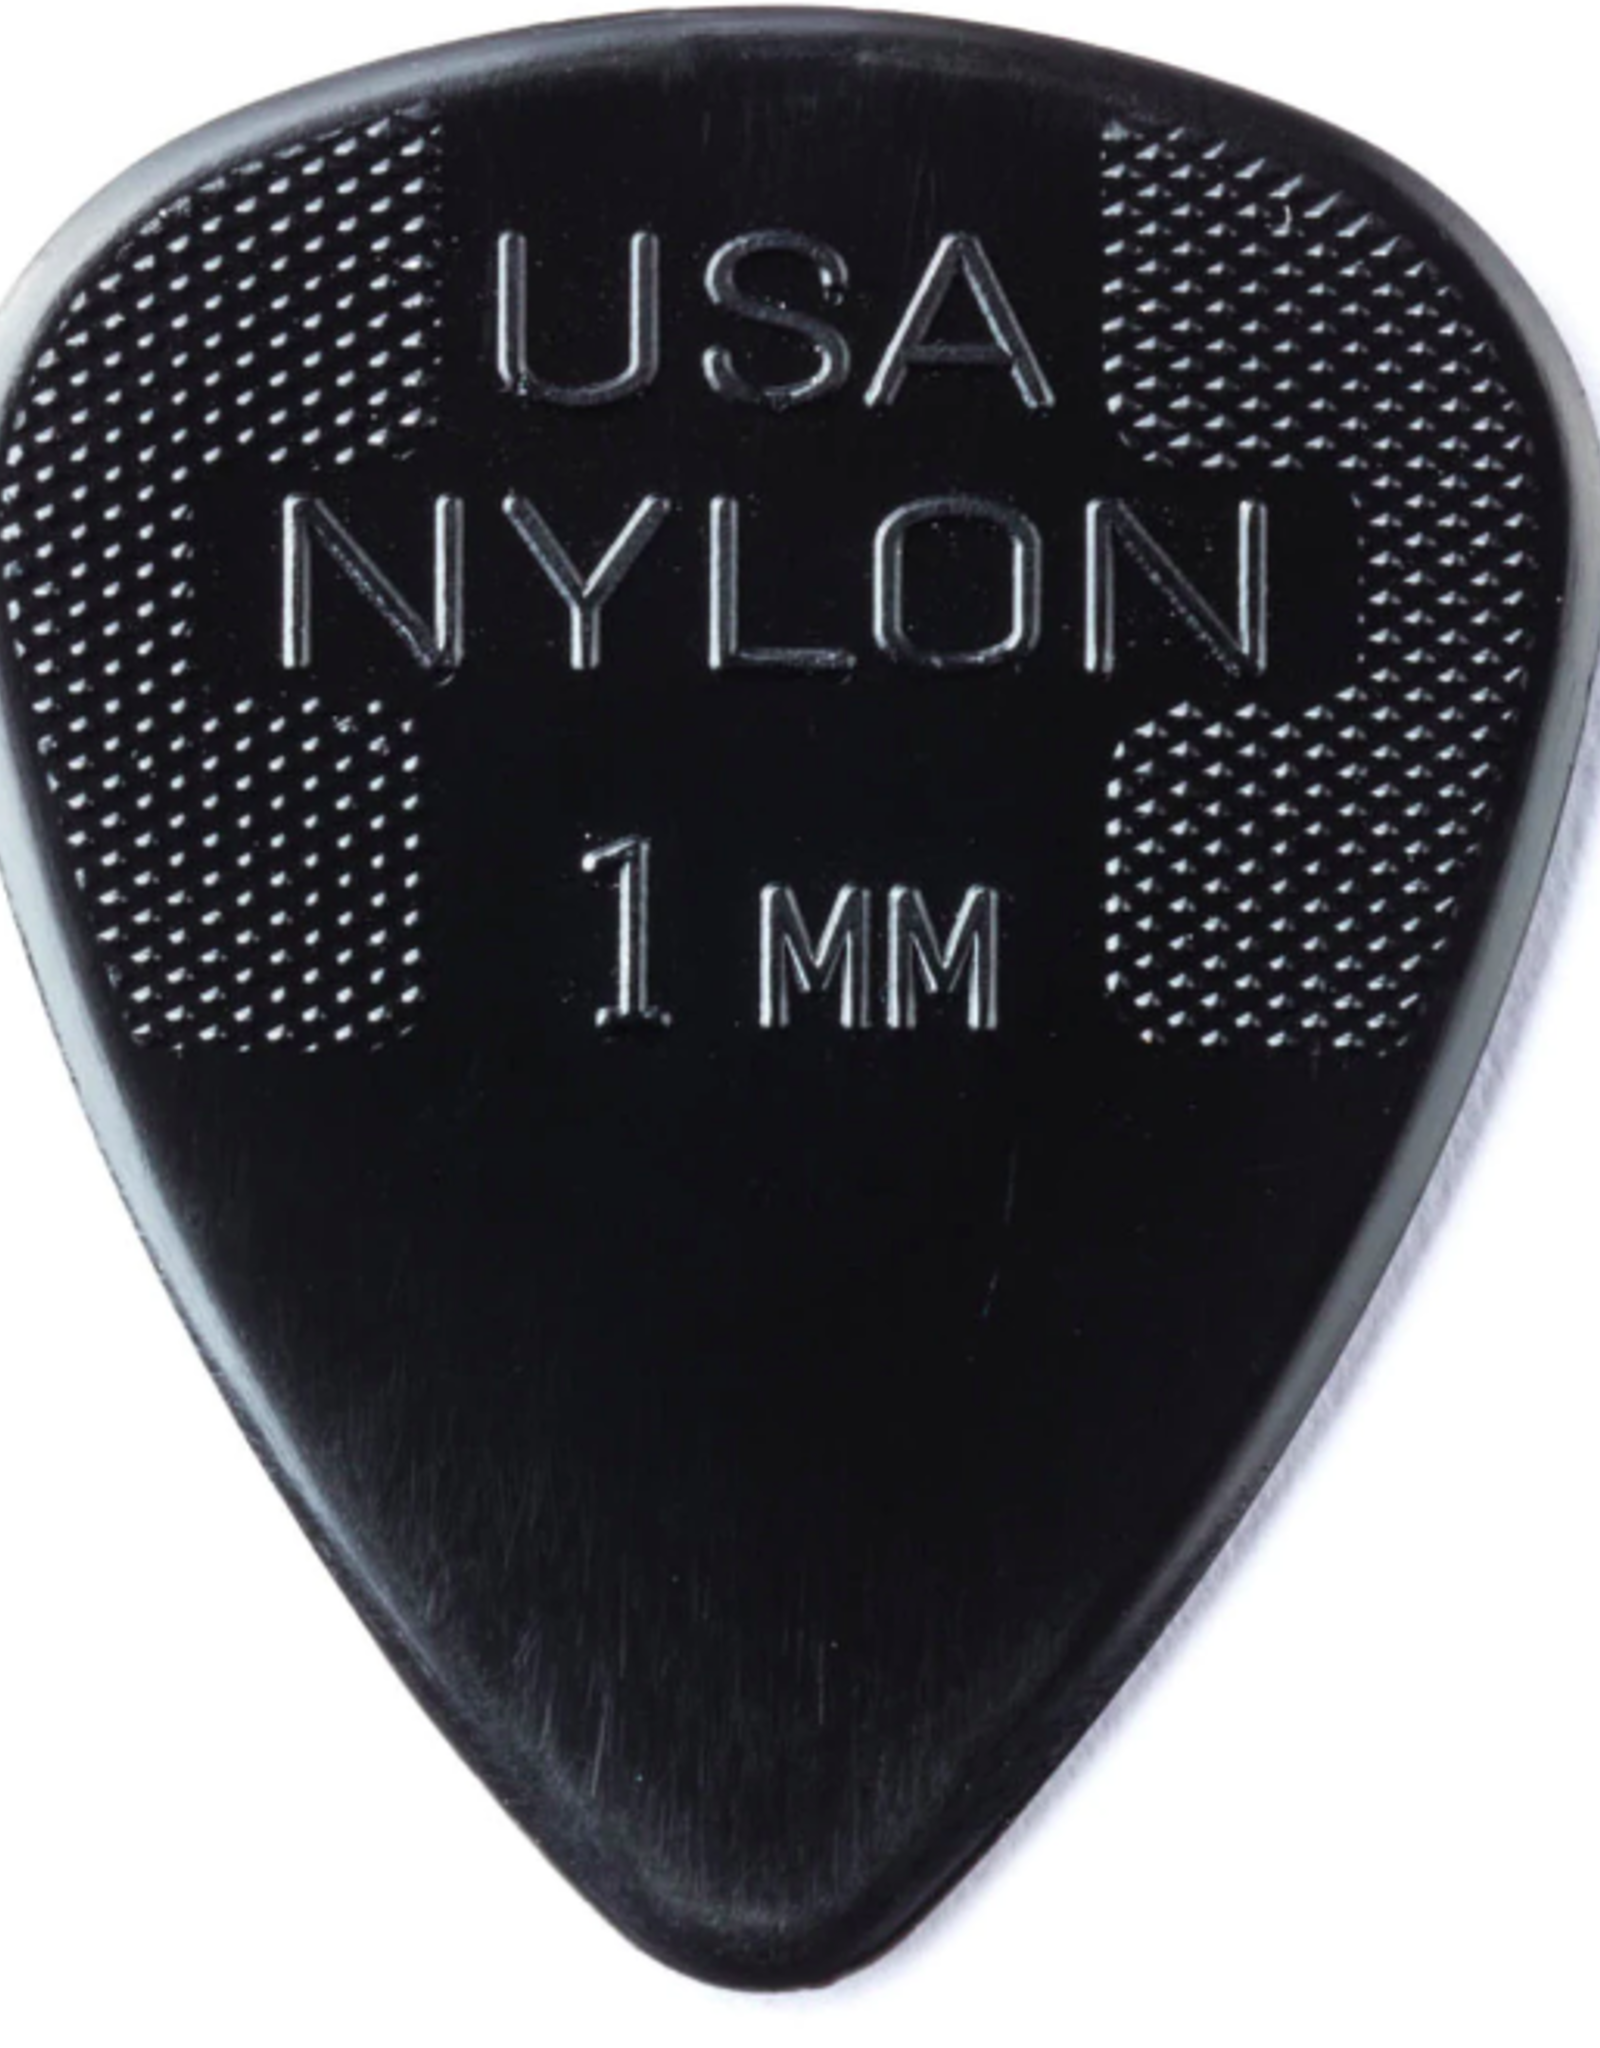 Dunlop Dunlop Nylon Standard 1.0mm Player Pack